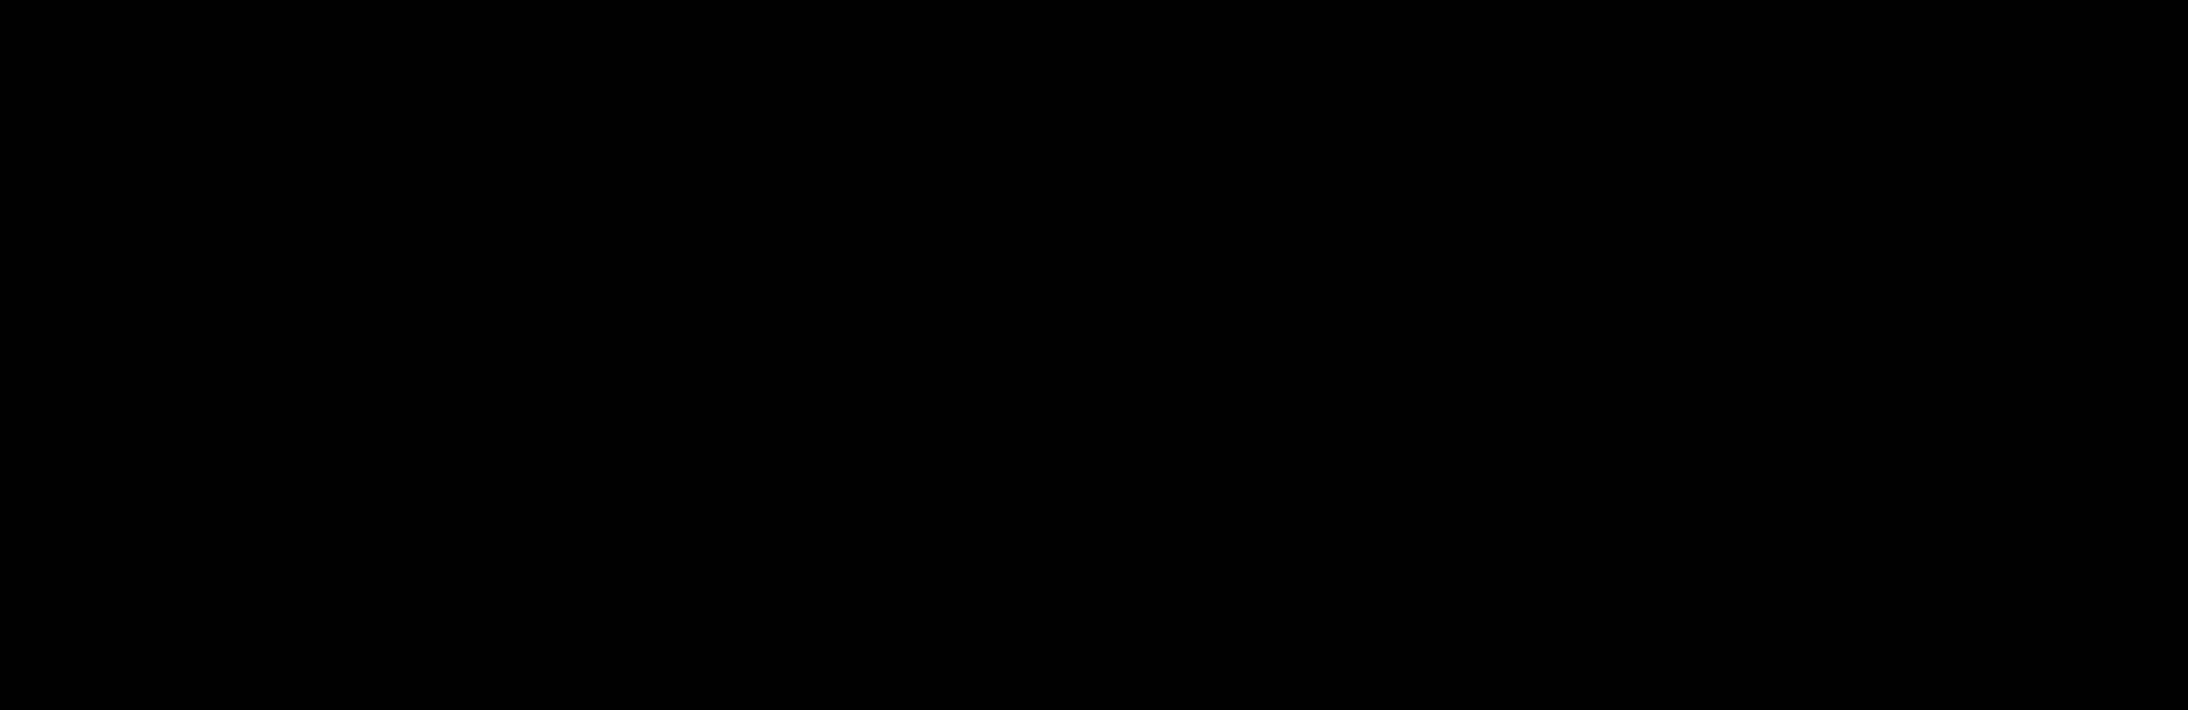 N-Hydroxy-3-[4-(dansyl-d<sub>6</sub>-amino)phenyl]acrylamide